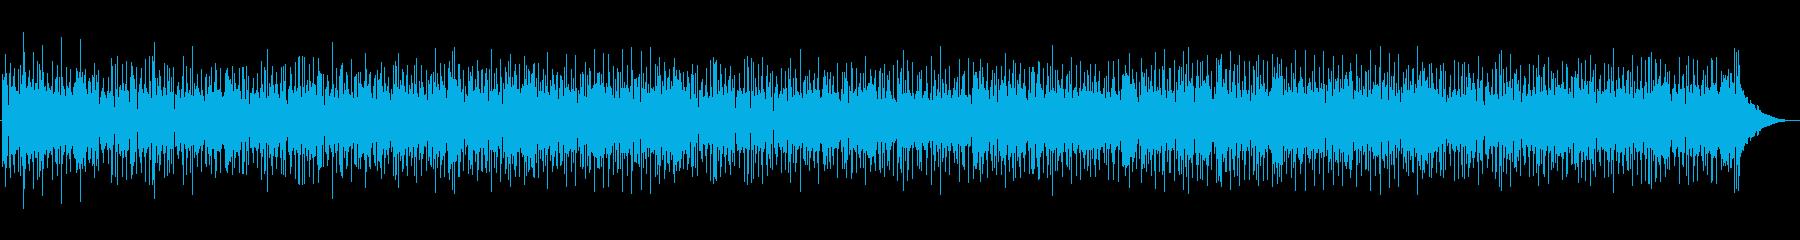 海や青空の情景が浮かぶピアノインストの再生済みの波形